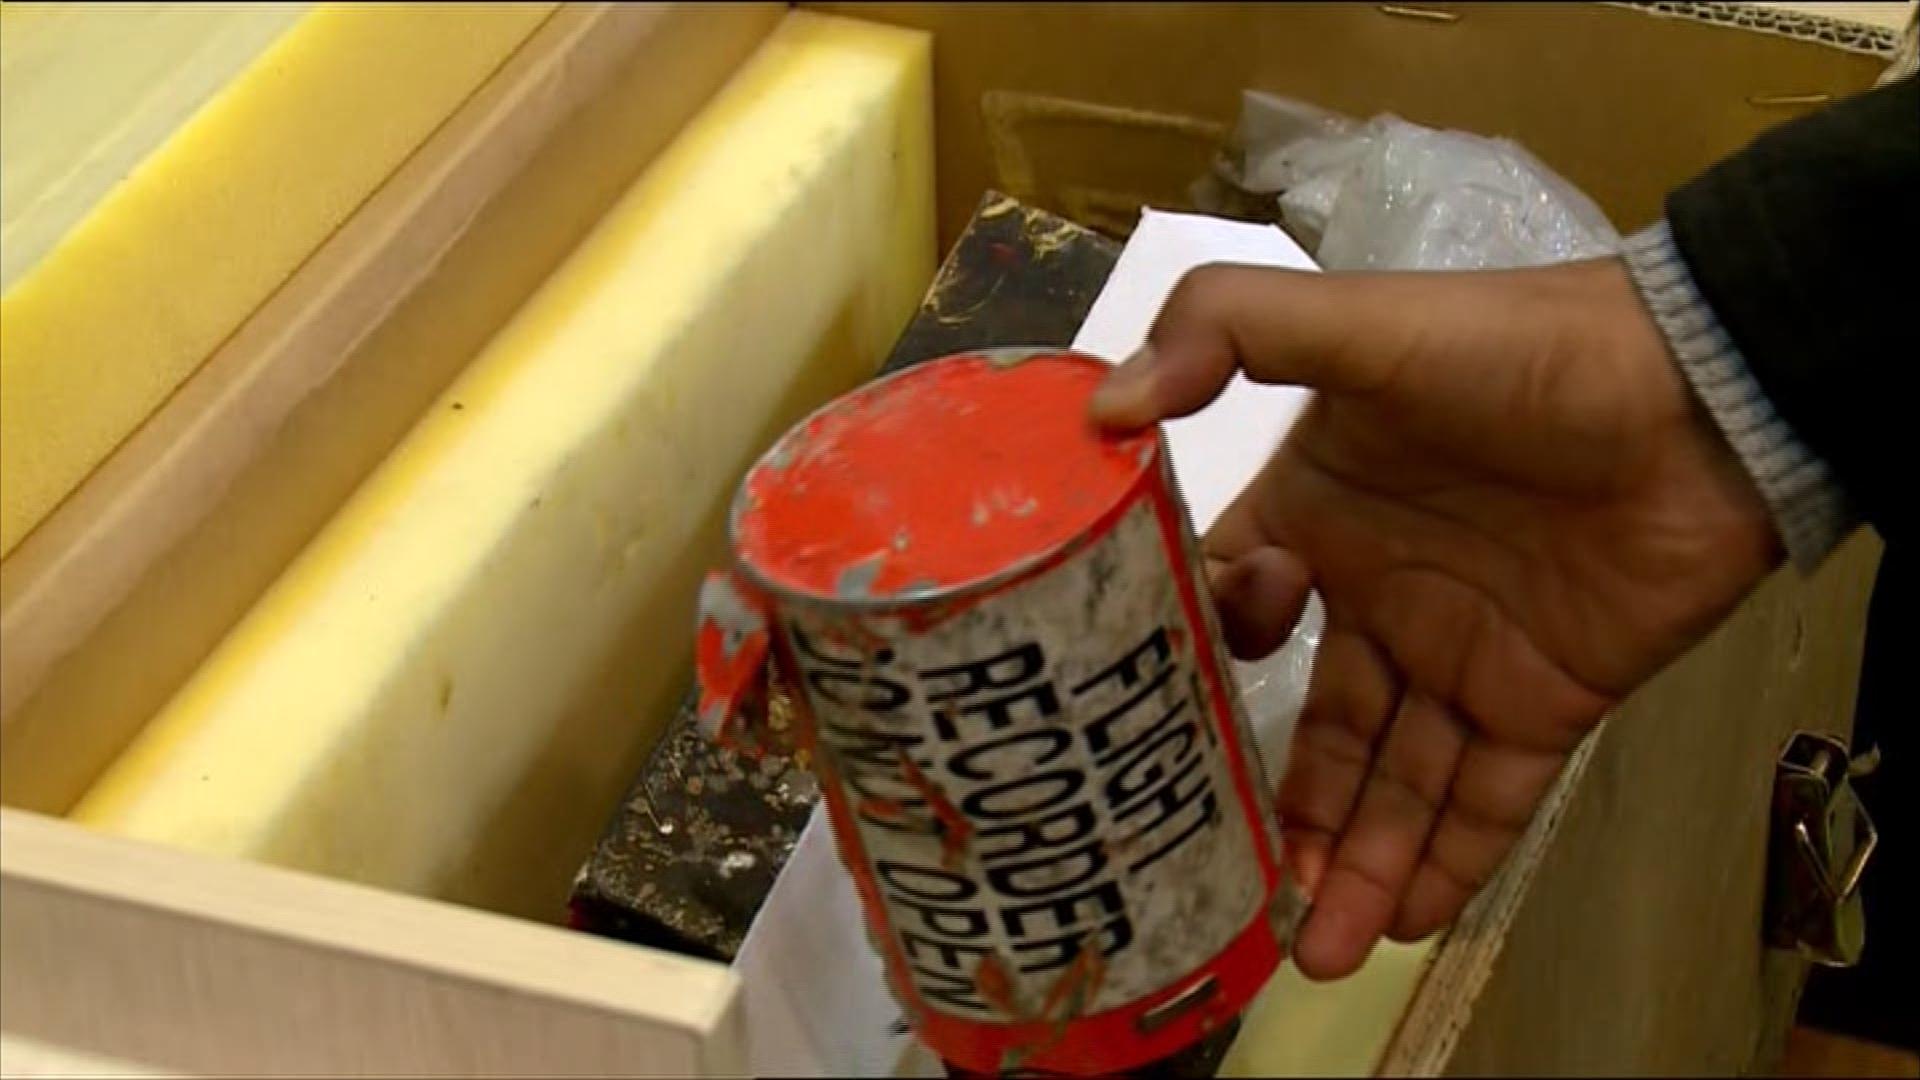 مكتب فرنسي: معالجة بيانات الصندوقين الأسودين للطائرة التي أسقطها صاروخ إيراني ستتم في أوكرانيا